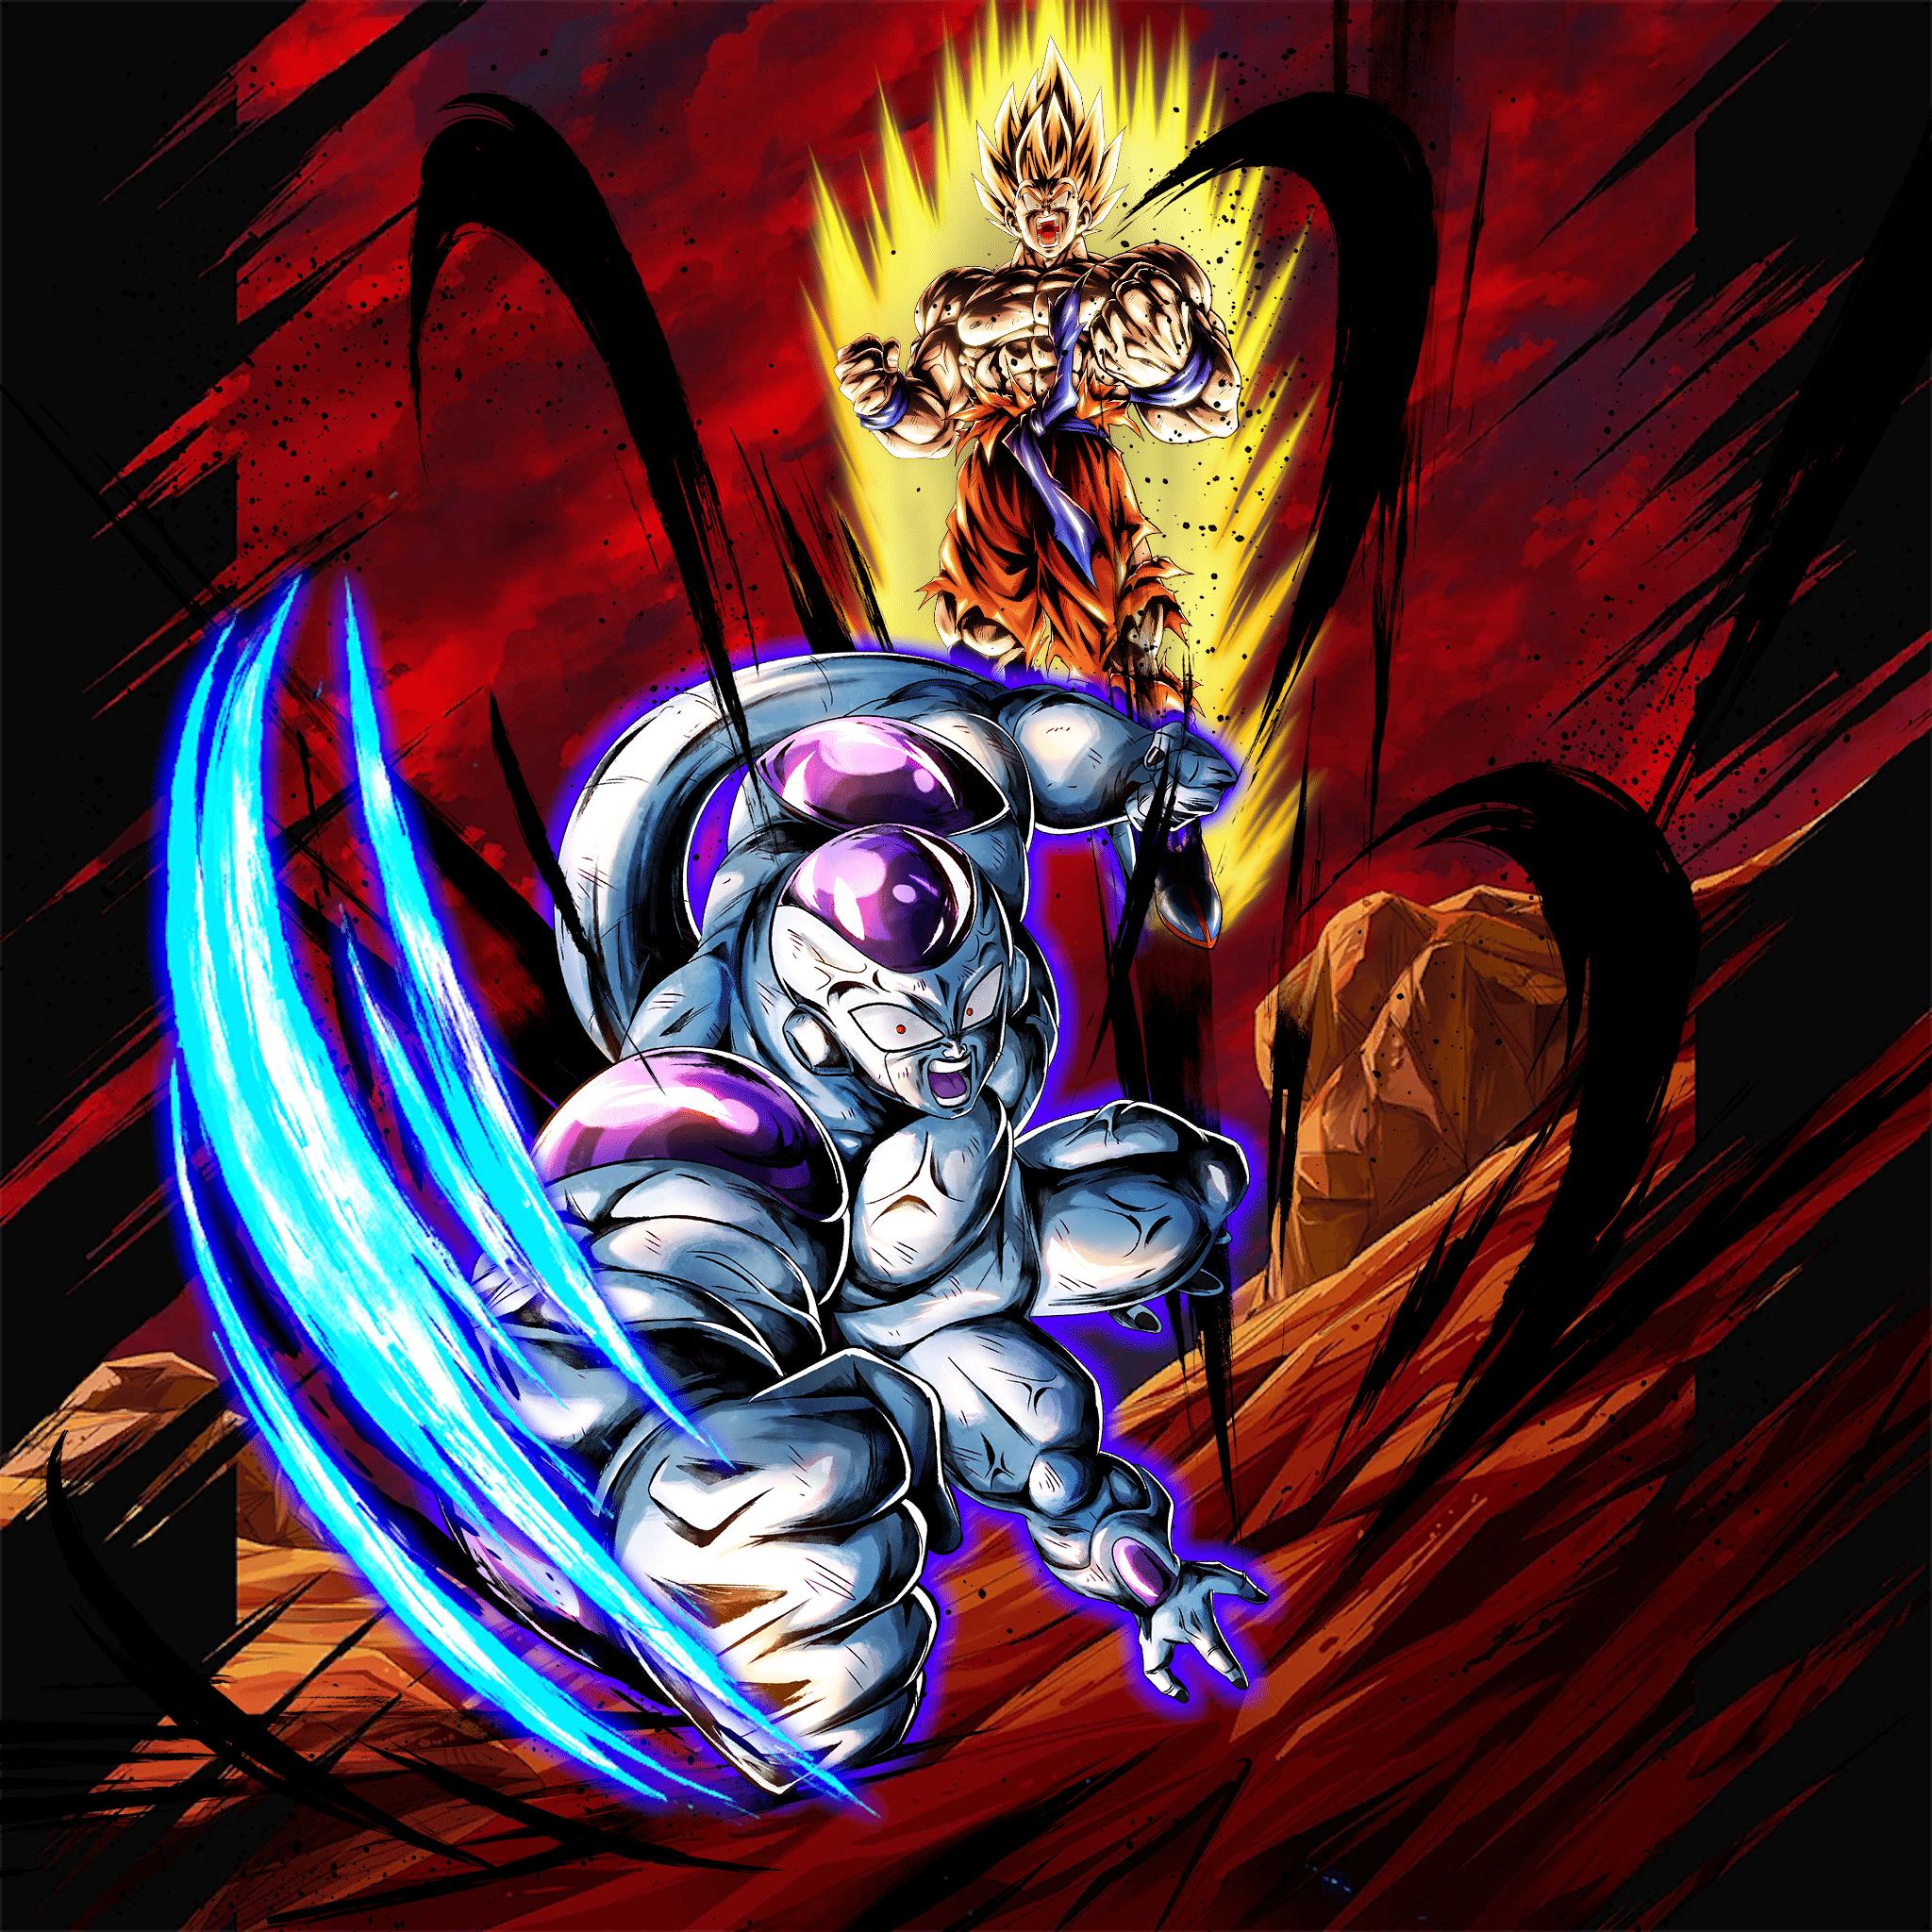 Goku vs Frieza Wallpapers - Top Free Goku vs Frieza ...